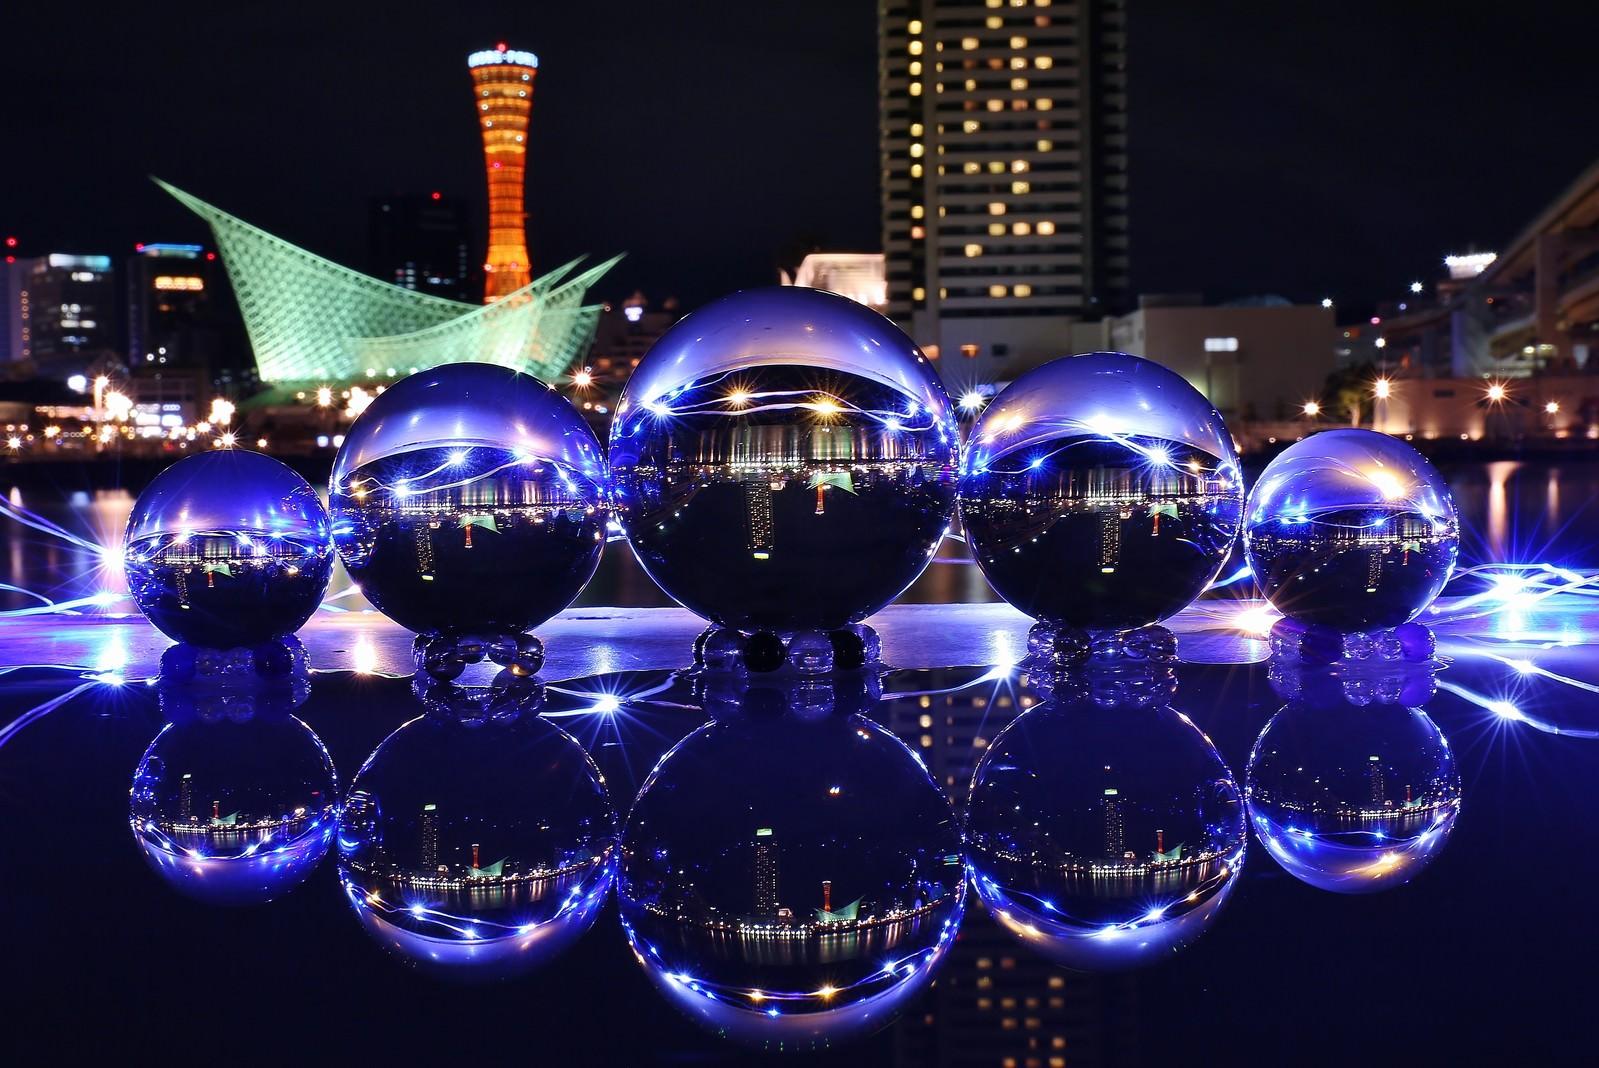 「神戸の夜景と水晶玉神戸の夜景と水晶玉」のフリー写真素材を拡大